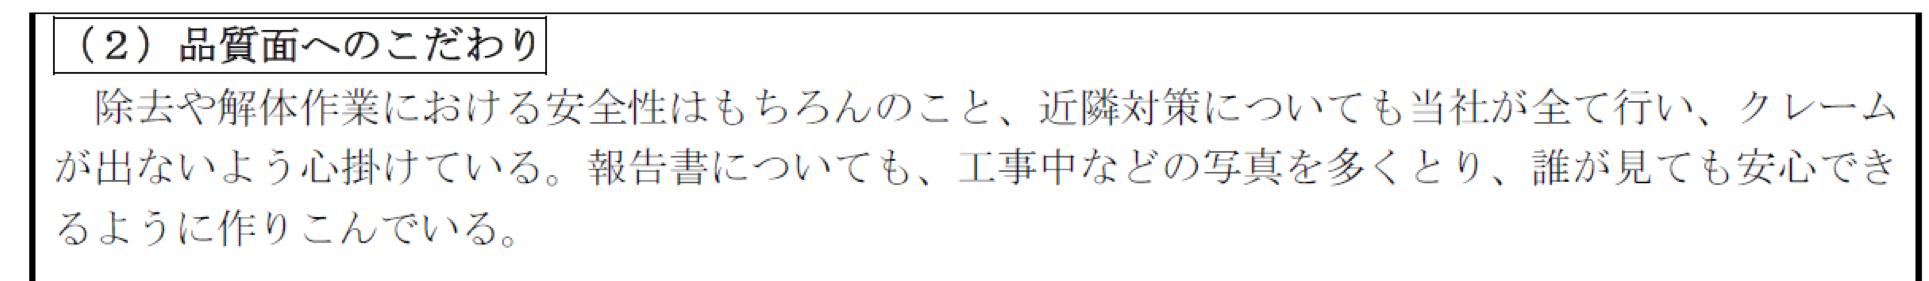 2019年申請書類より抜粋